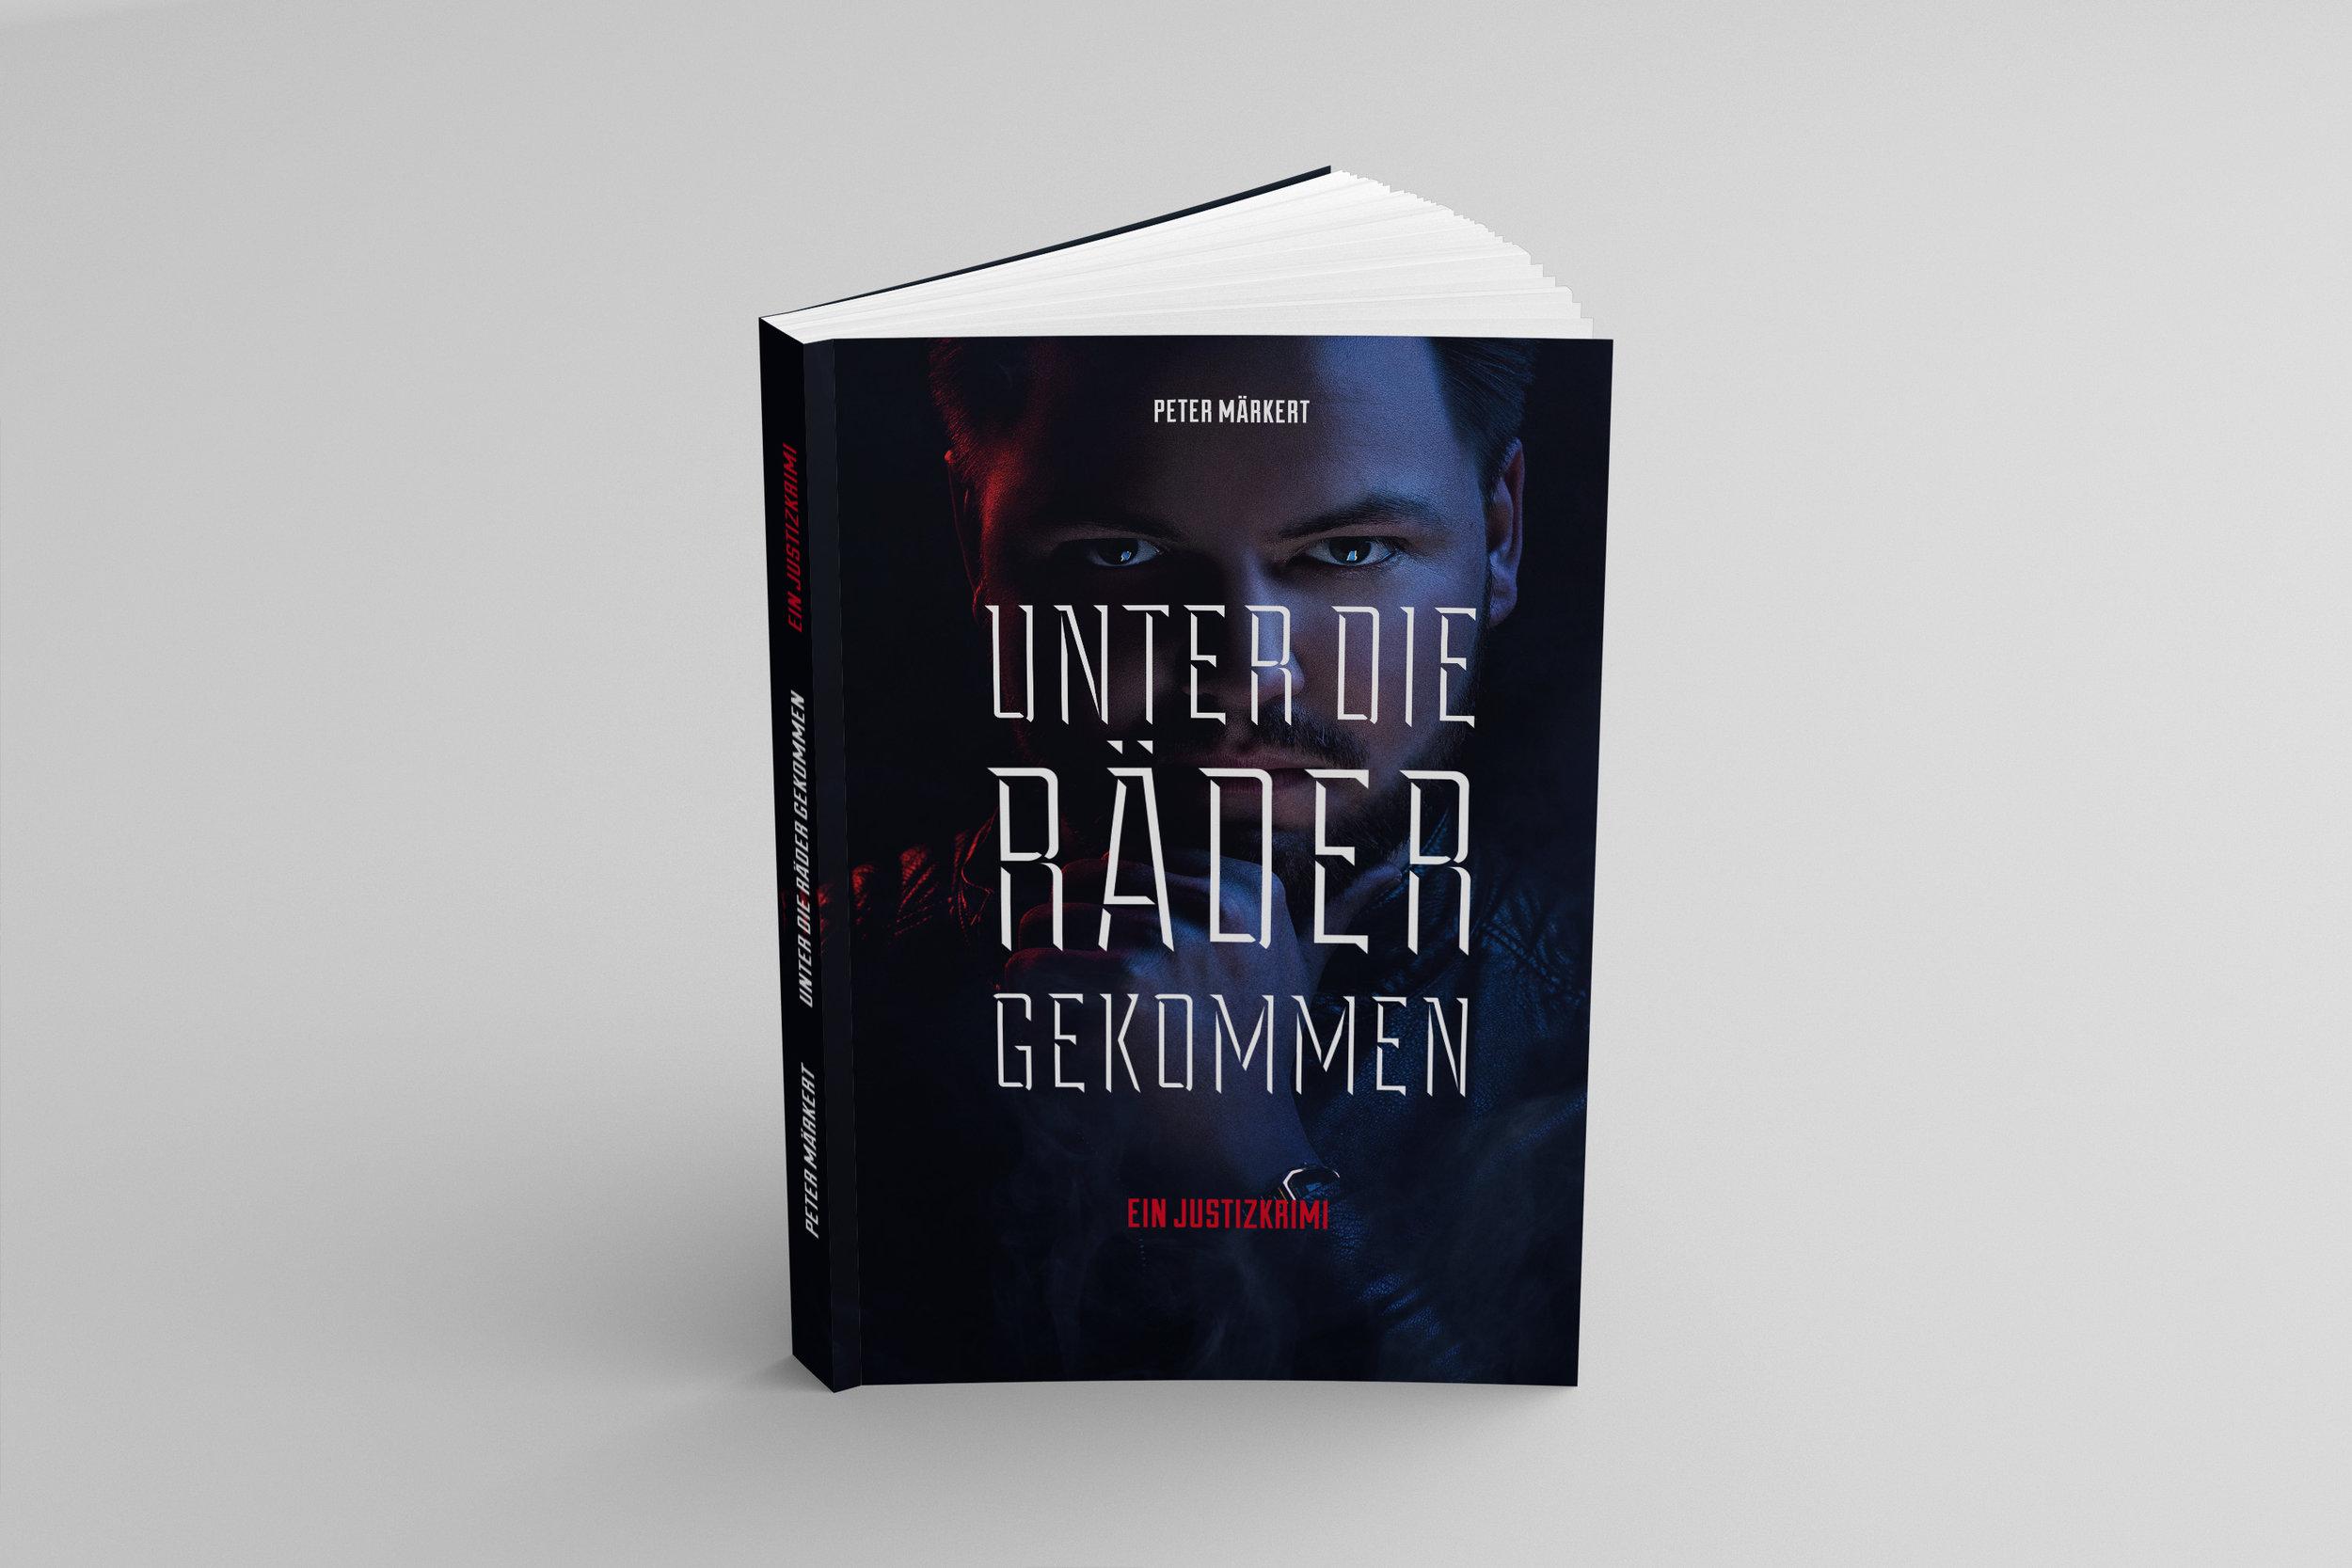 UNTER_DIE_RADER_GEKOMMEN_PETER_MAERKERT.jpg